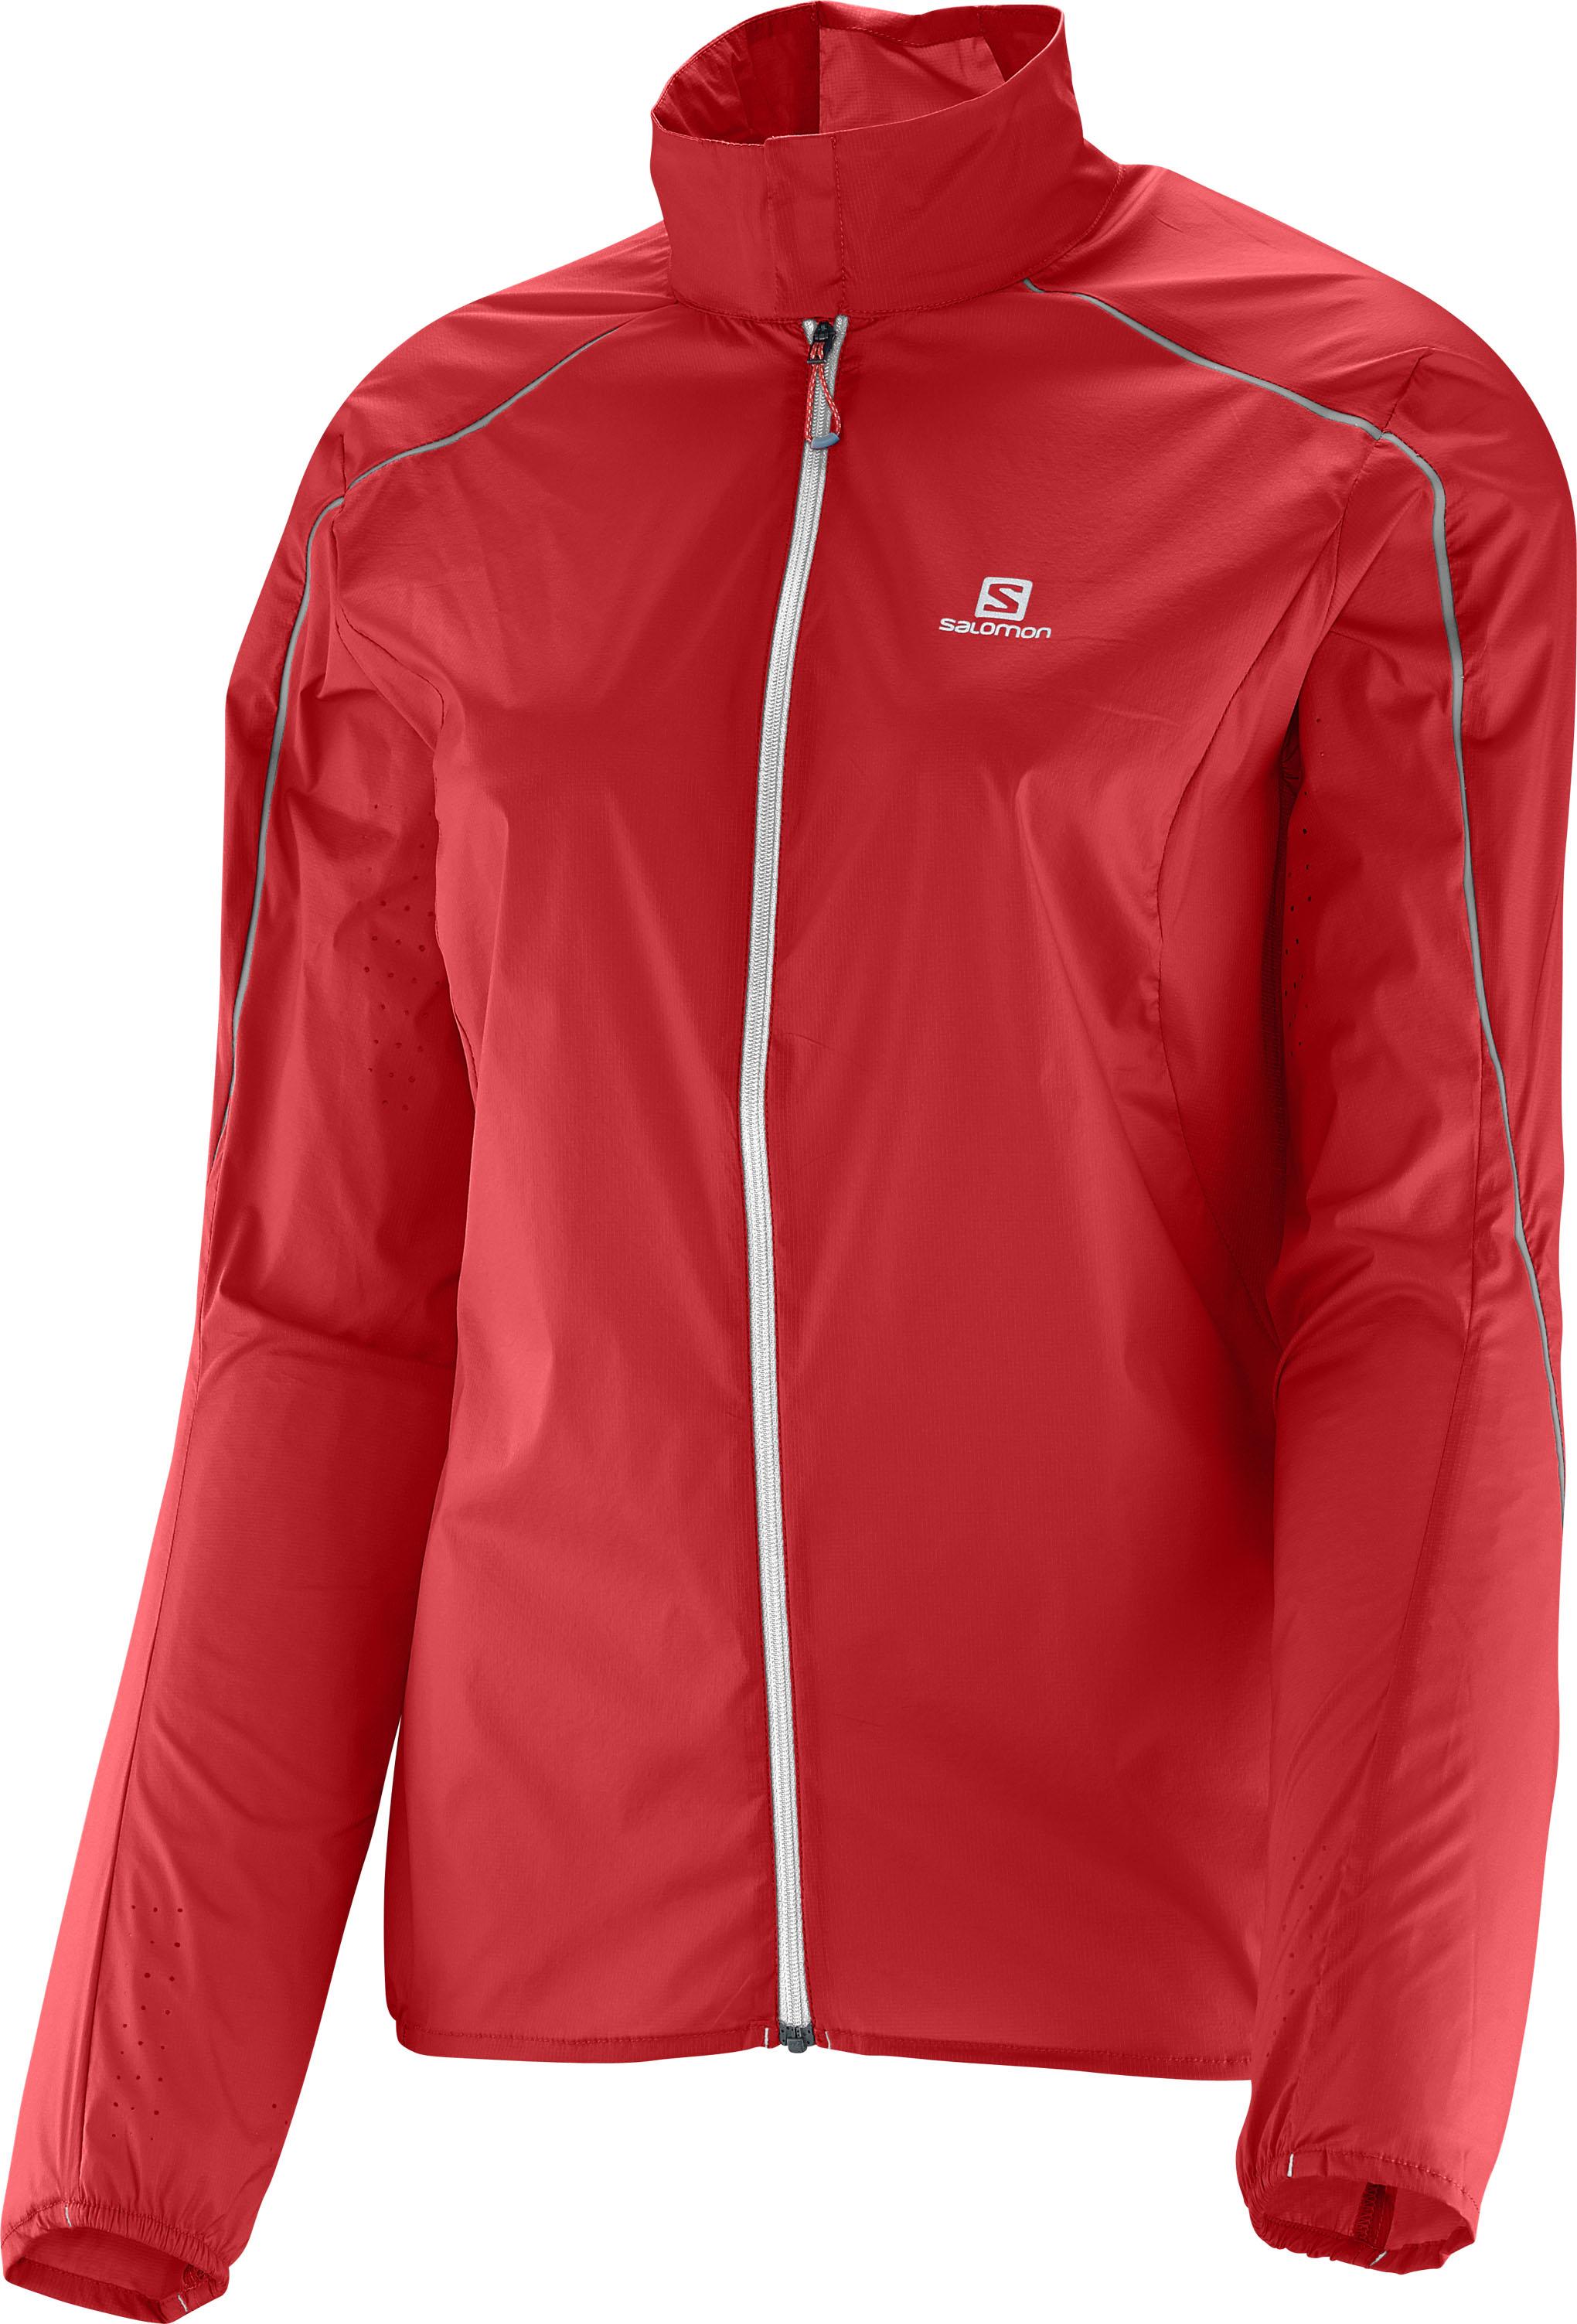 Salomon S-Lab Light Jacket W 370836 červená L